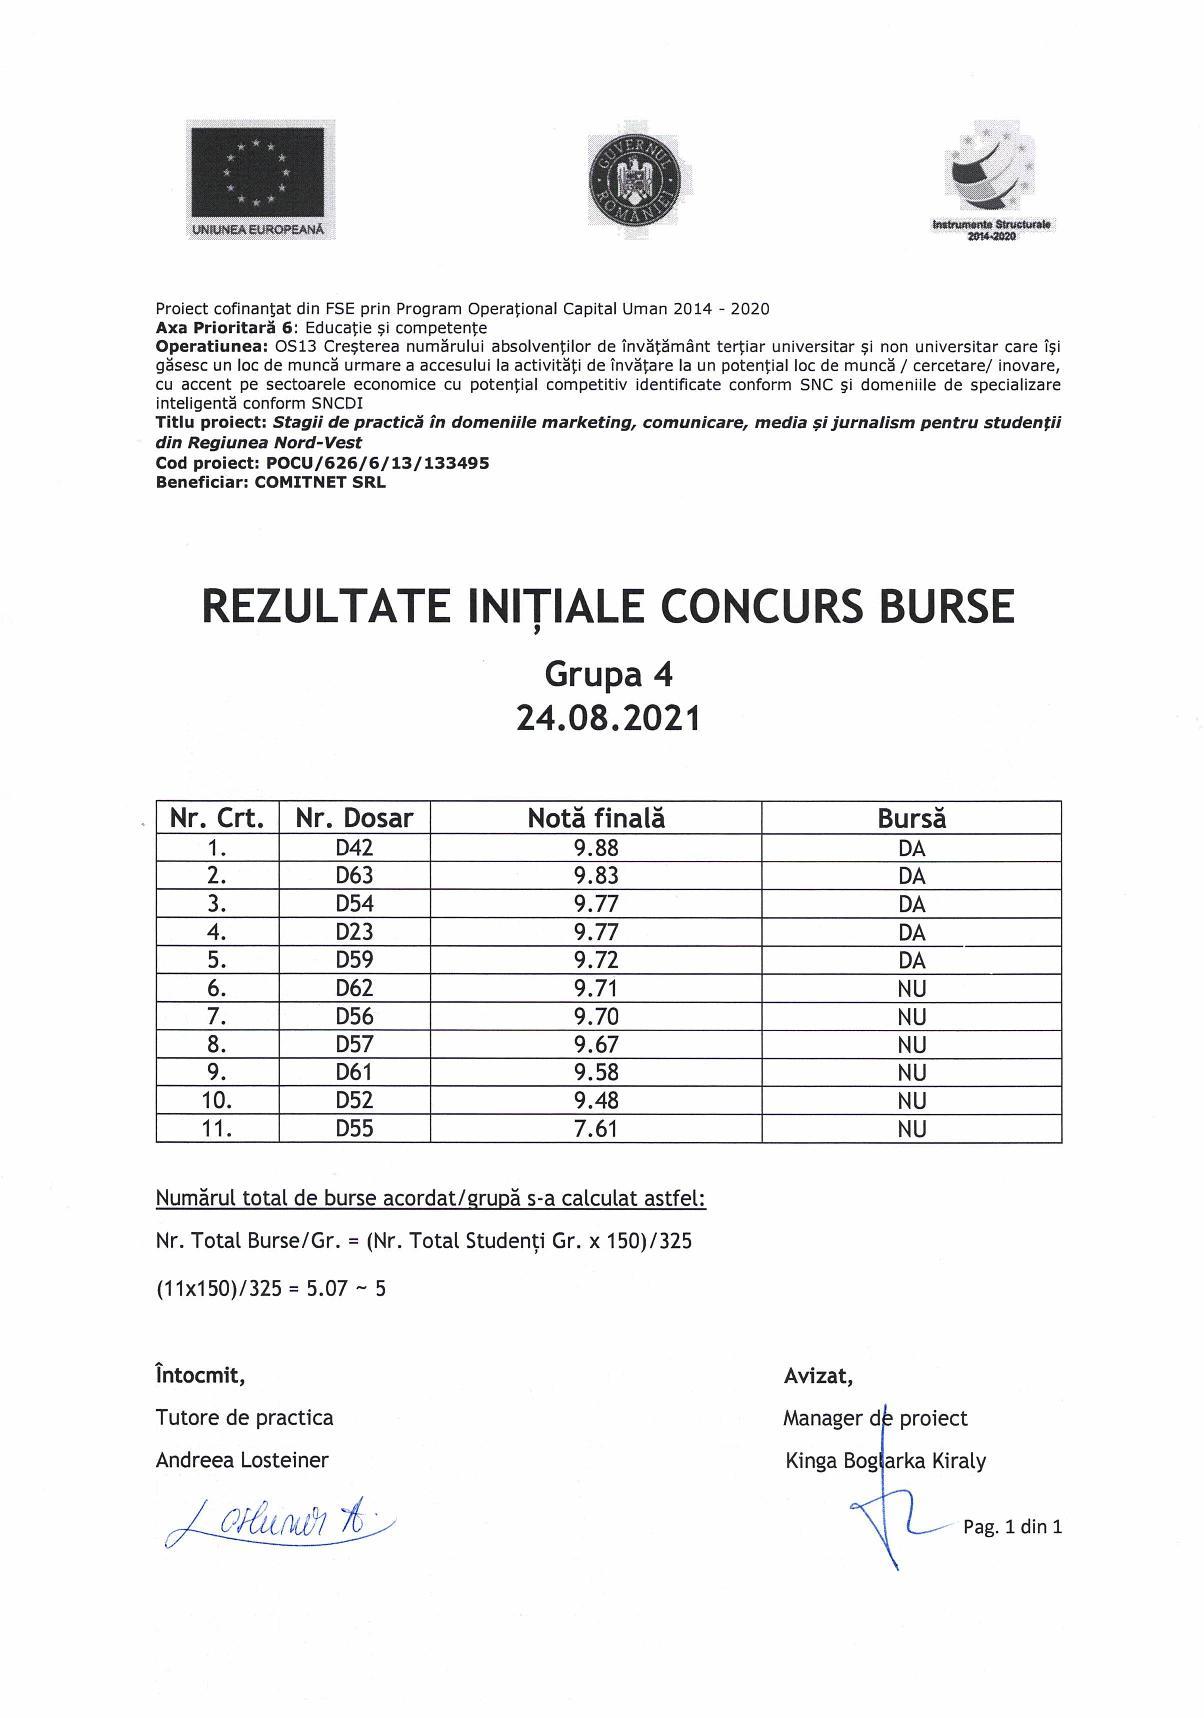 Rezultate initiale burse - gr. 4-page-001